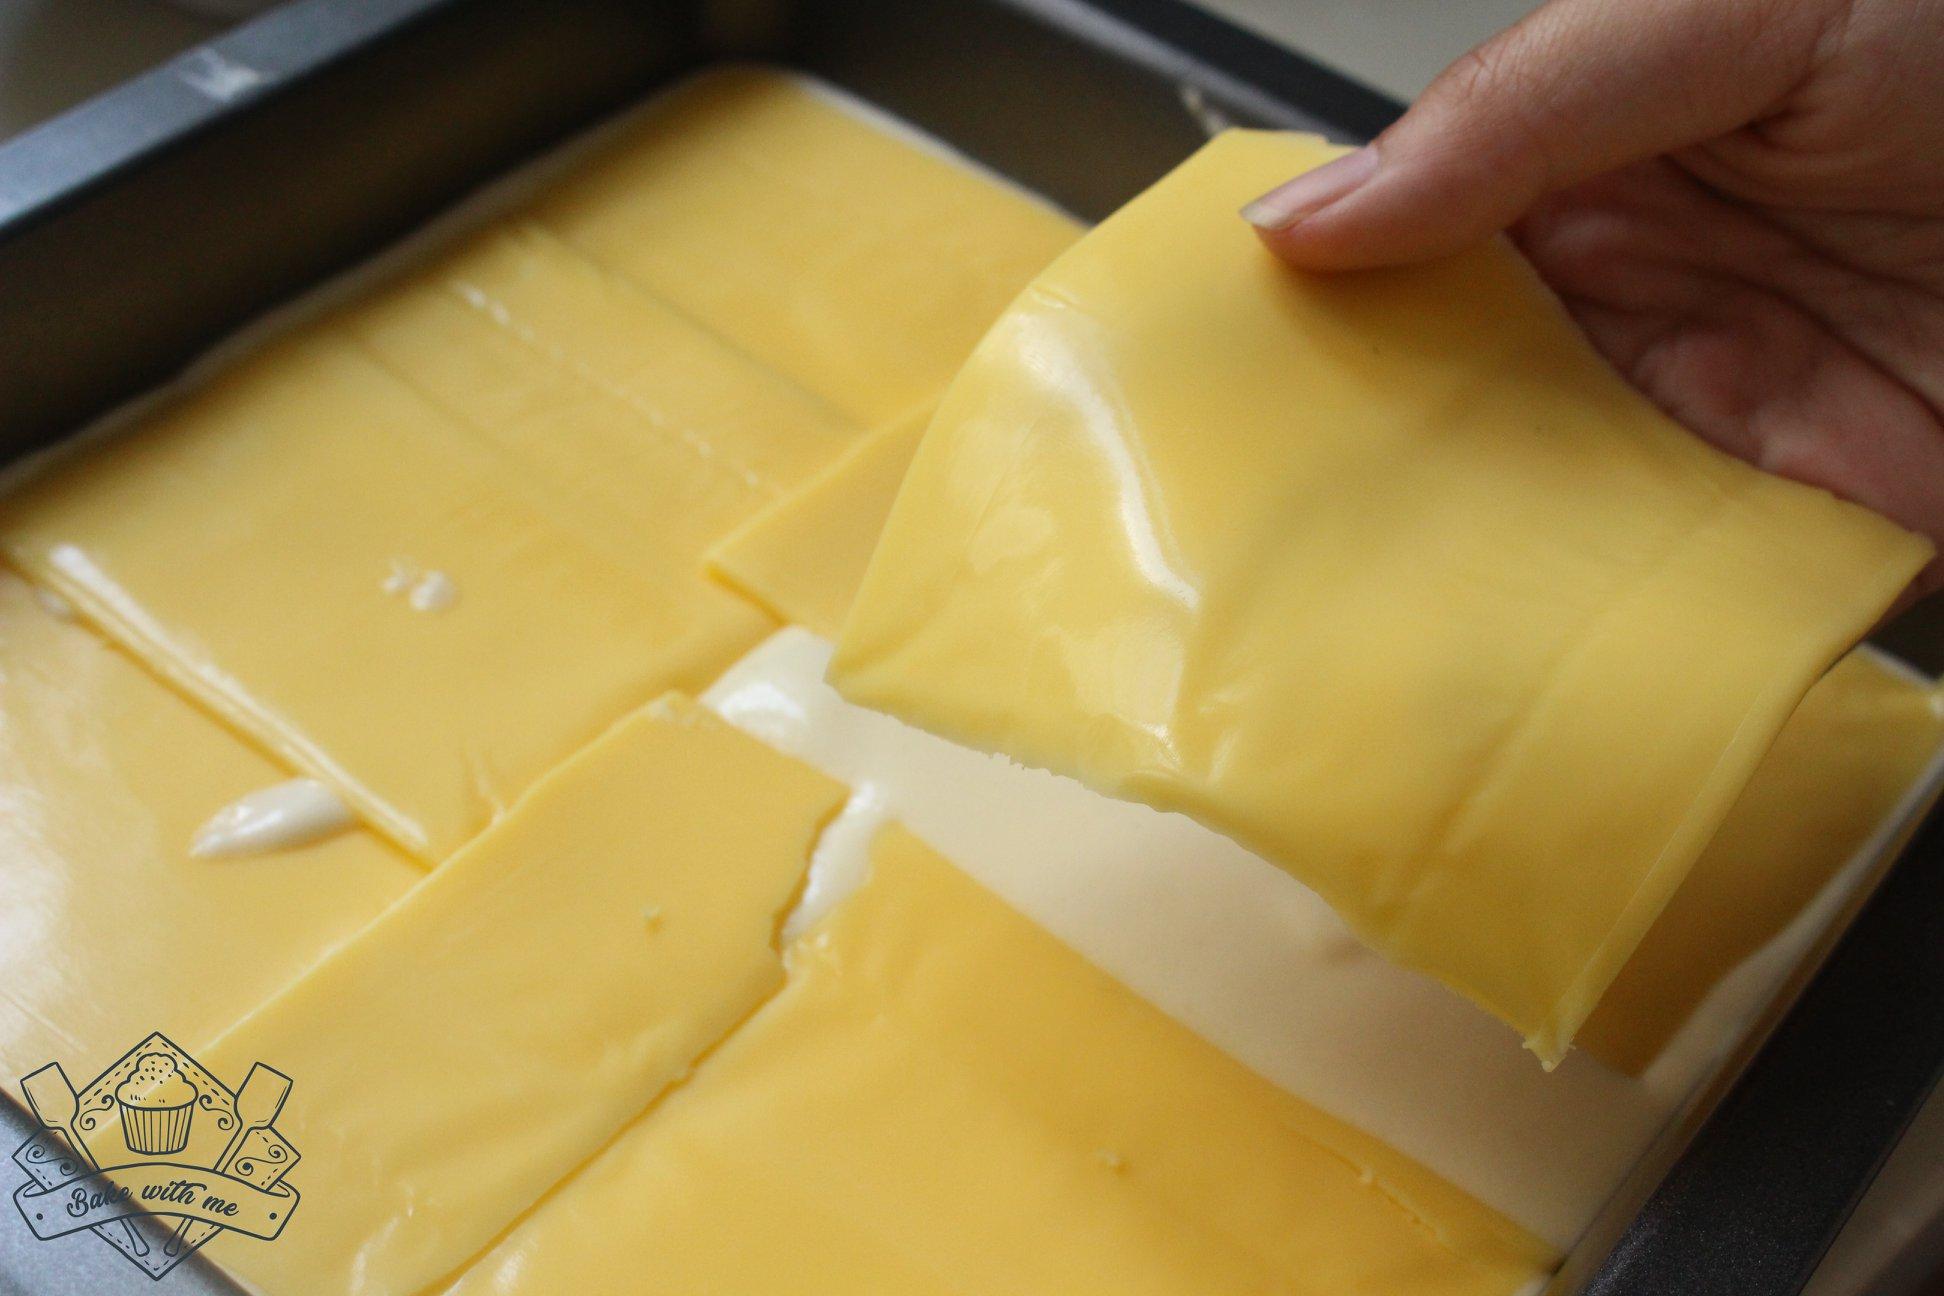 cách làm bánh bông lan 9 cách làm bánh bông lan Cách làm bánh bông lan trứng muối Castella cho thỏa cơn nghiện phô mai cach lam banh bong lan 9